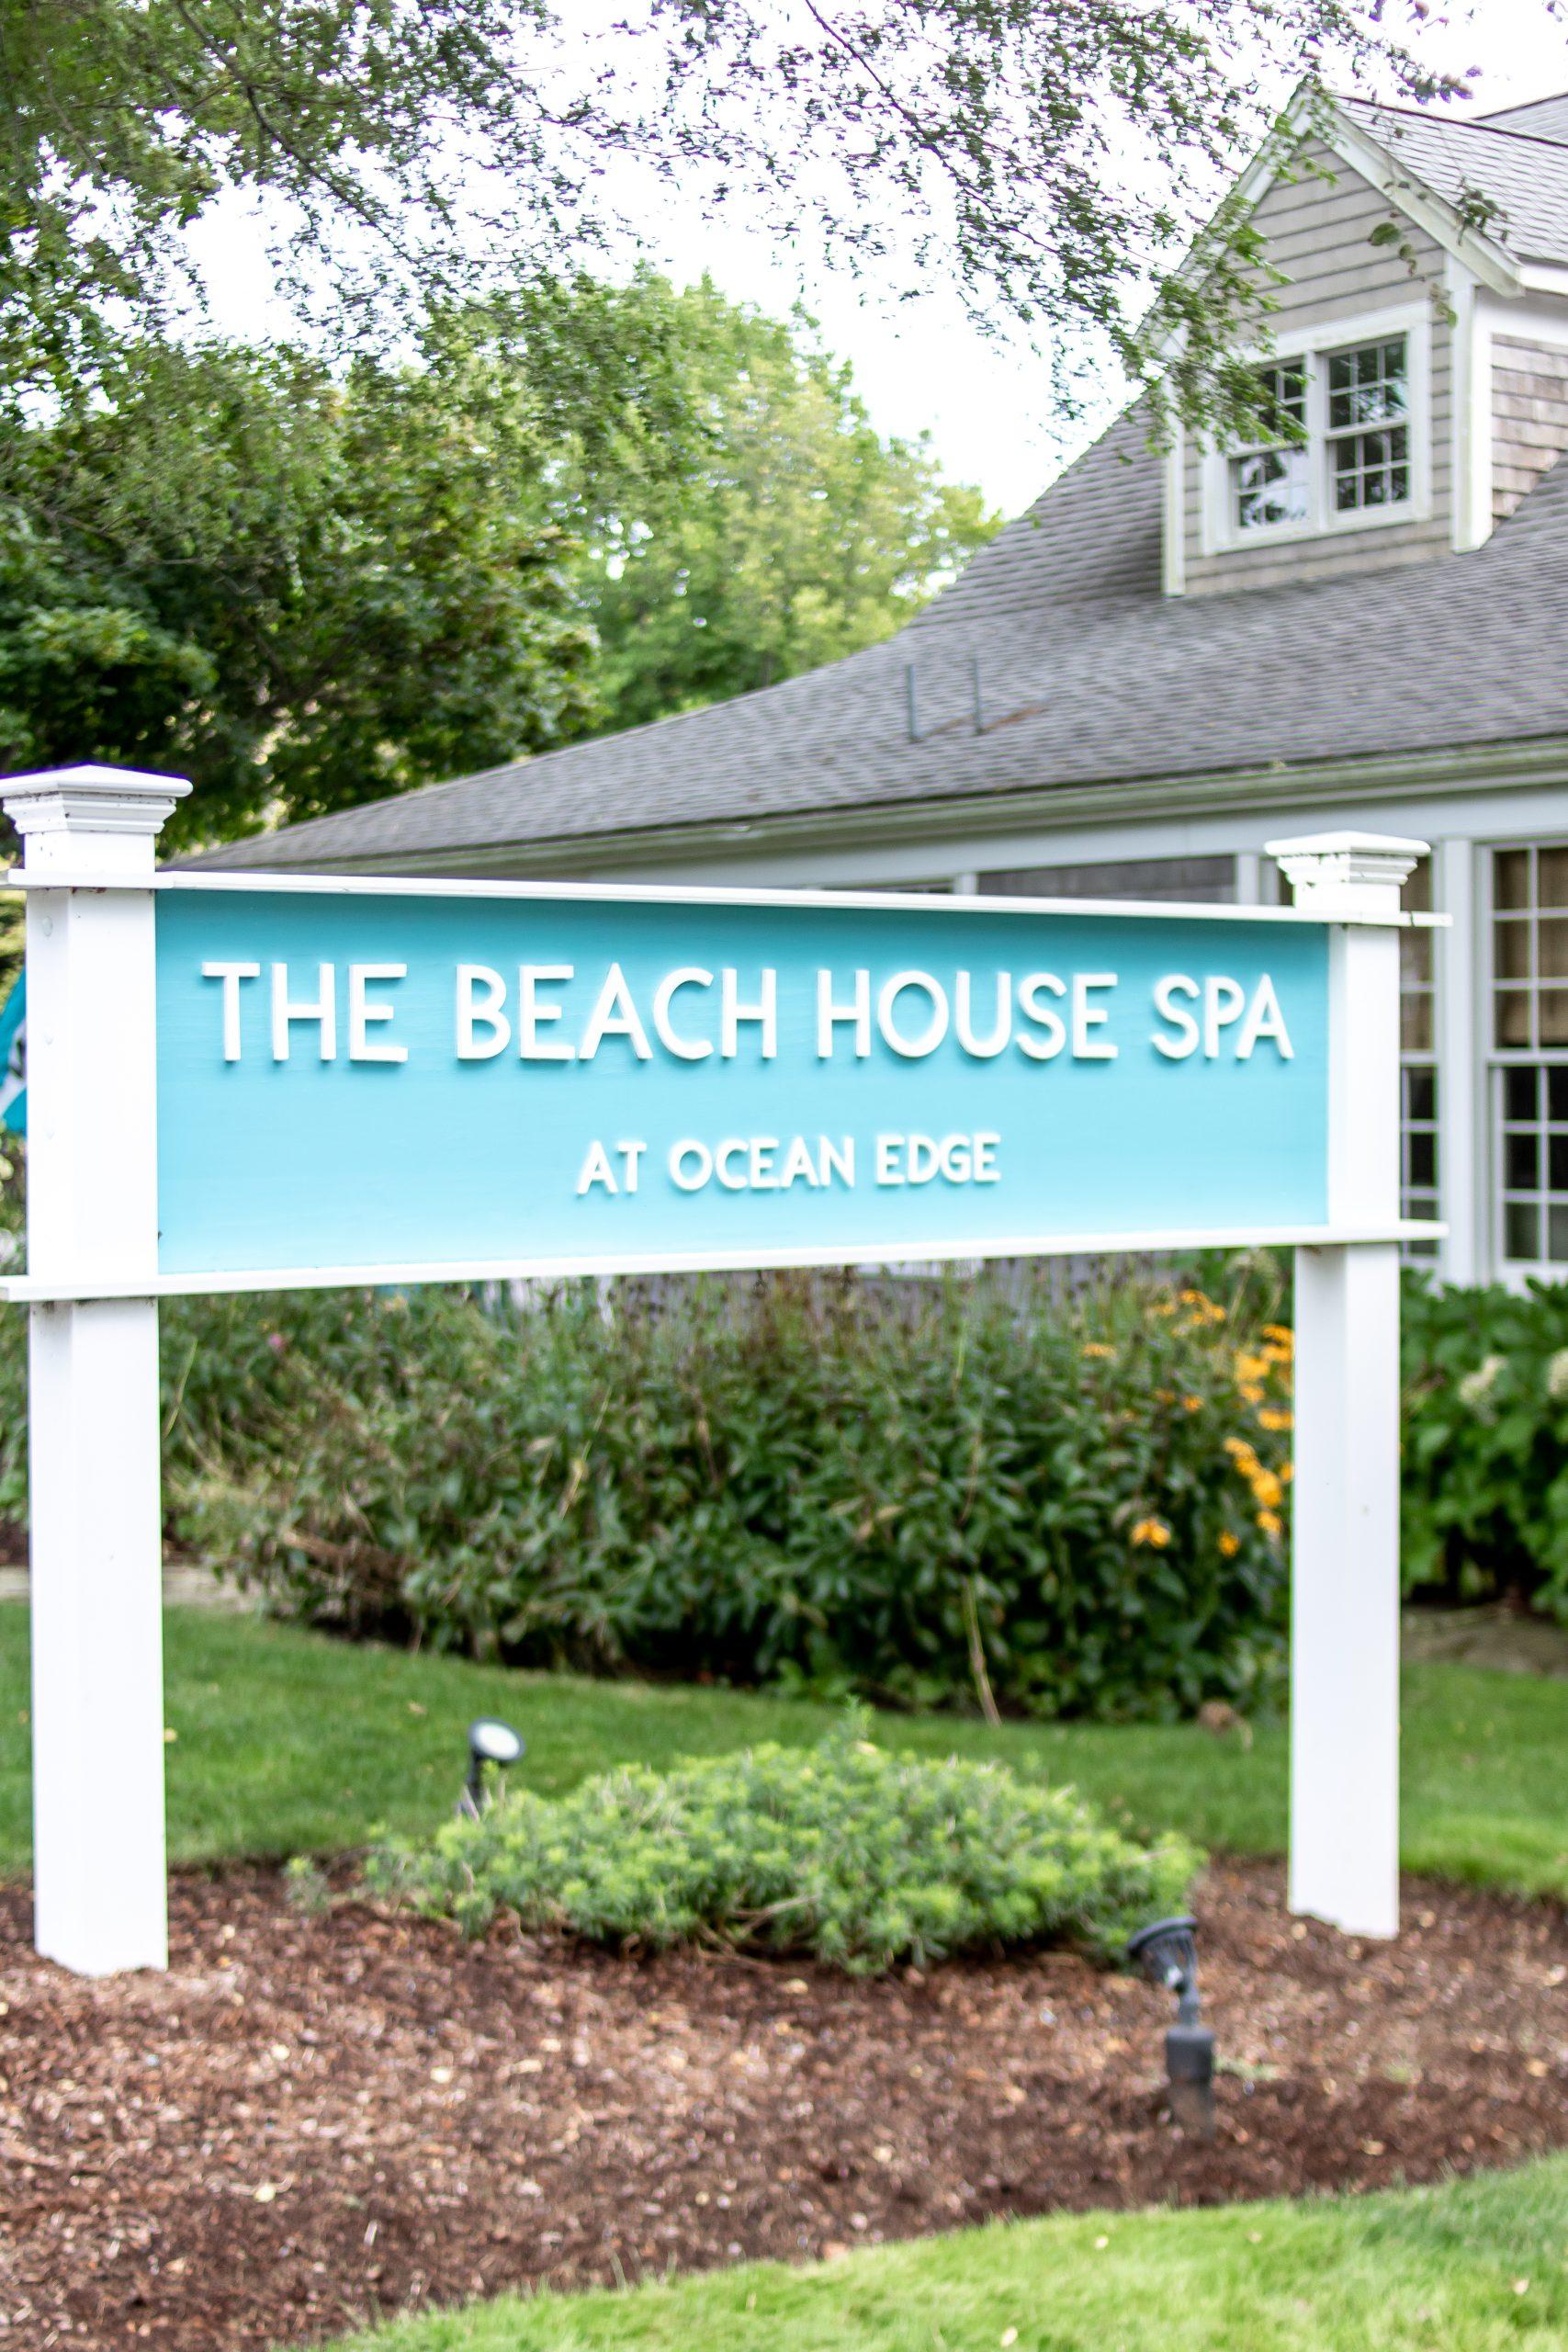 The Beach House Spa